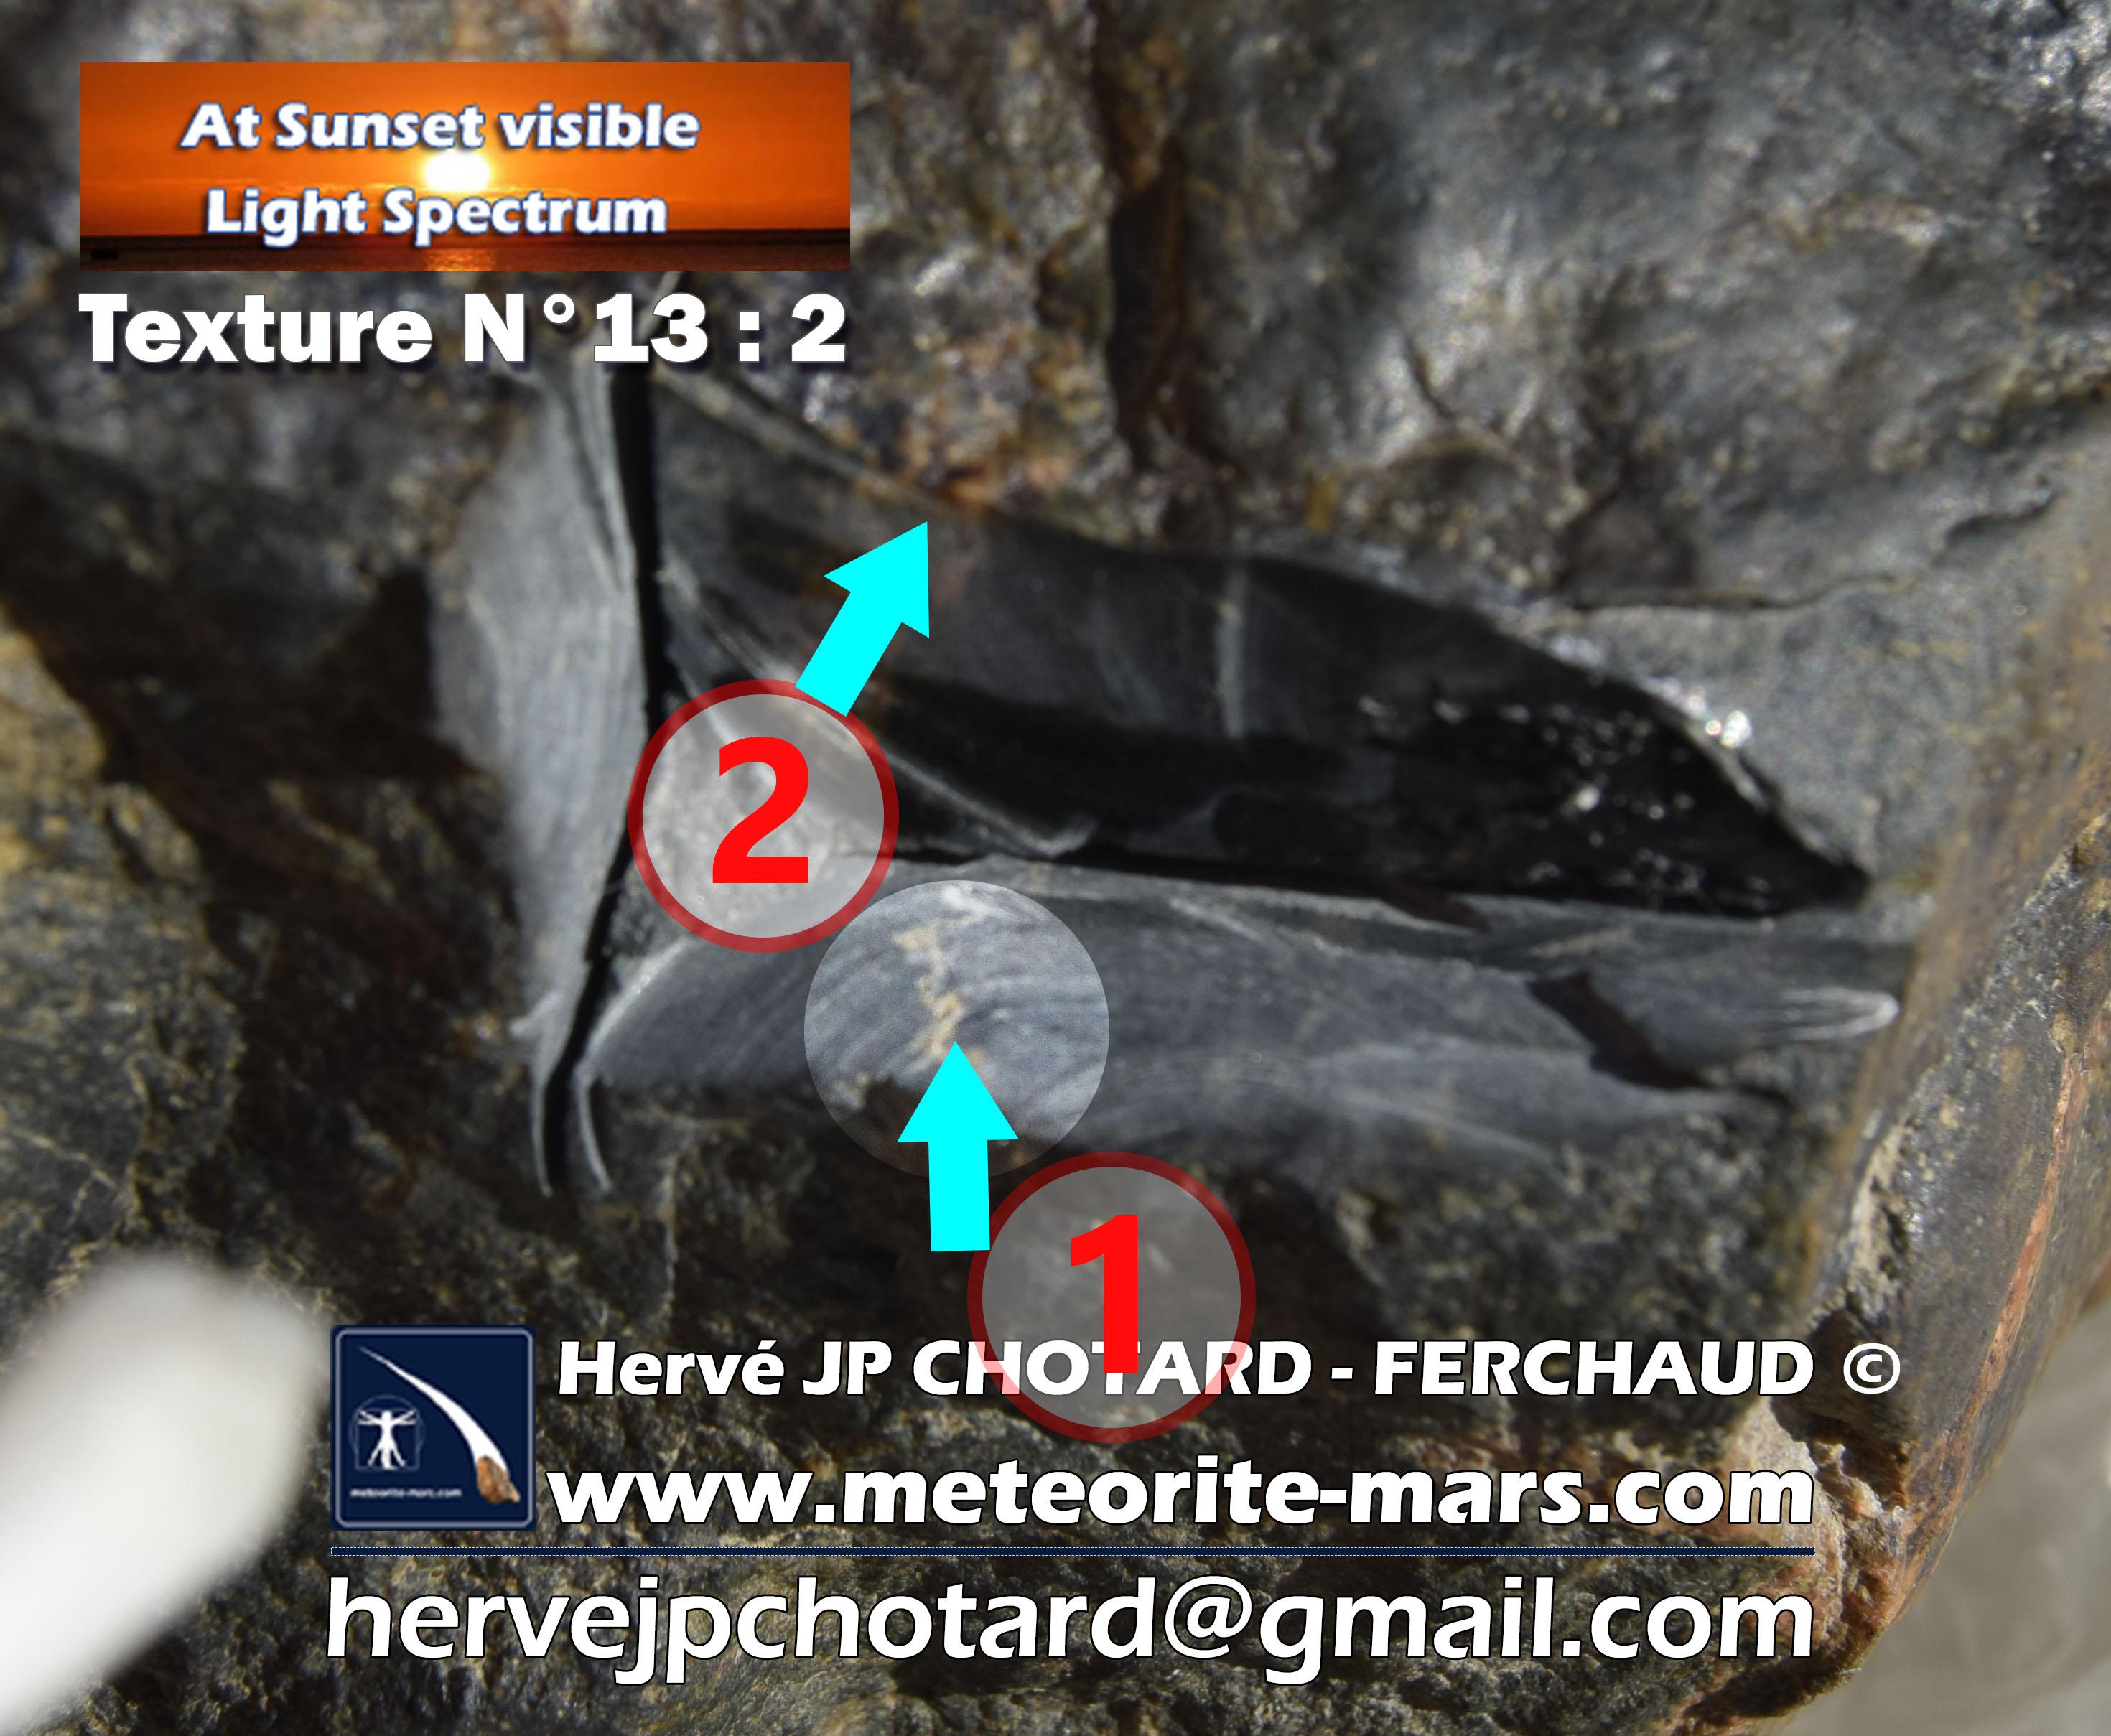 Texture N°13-2 meteorite-mars.com